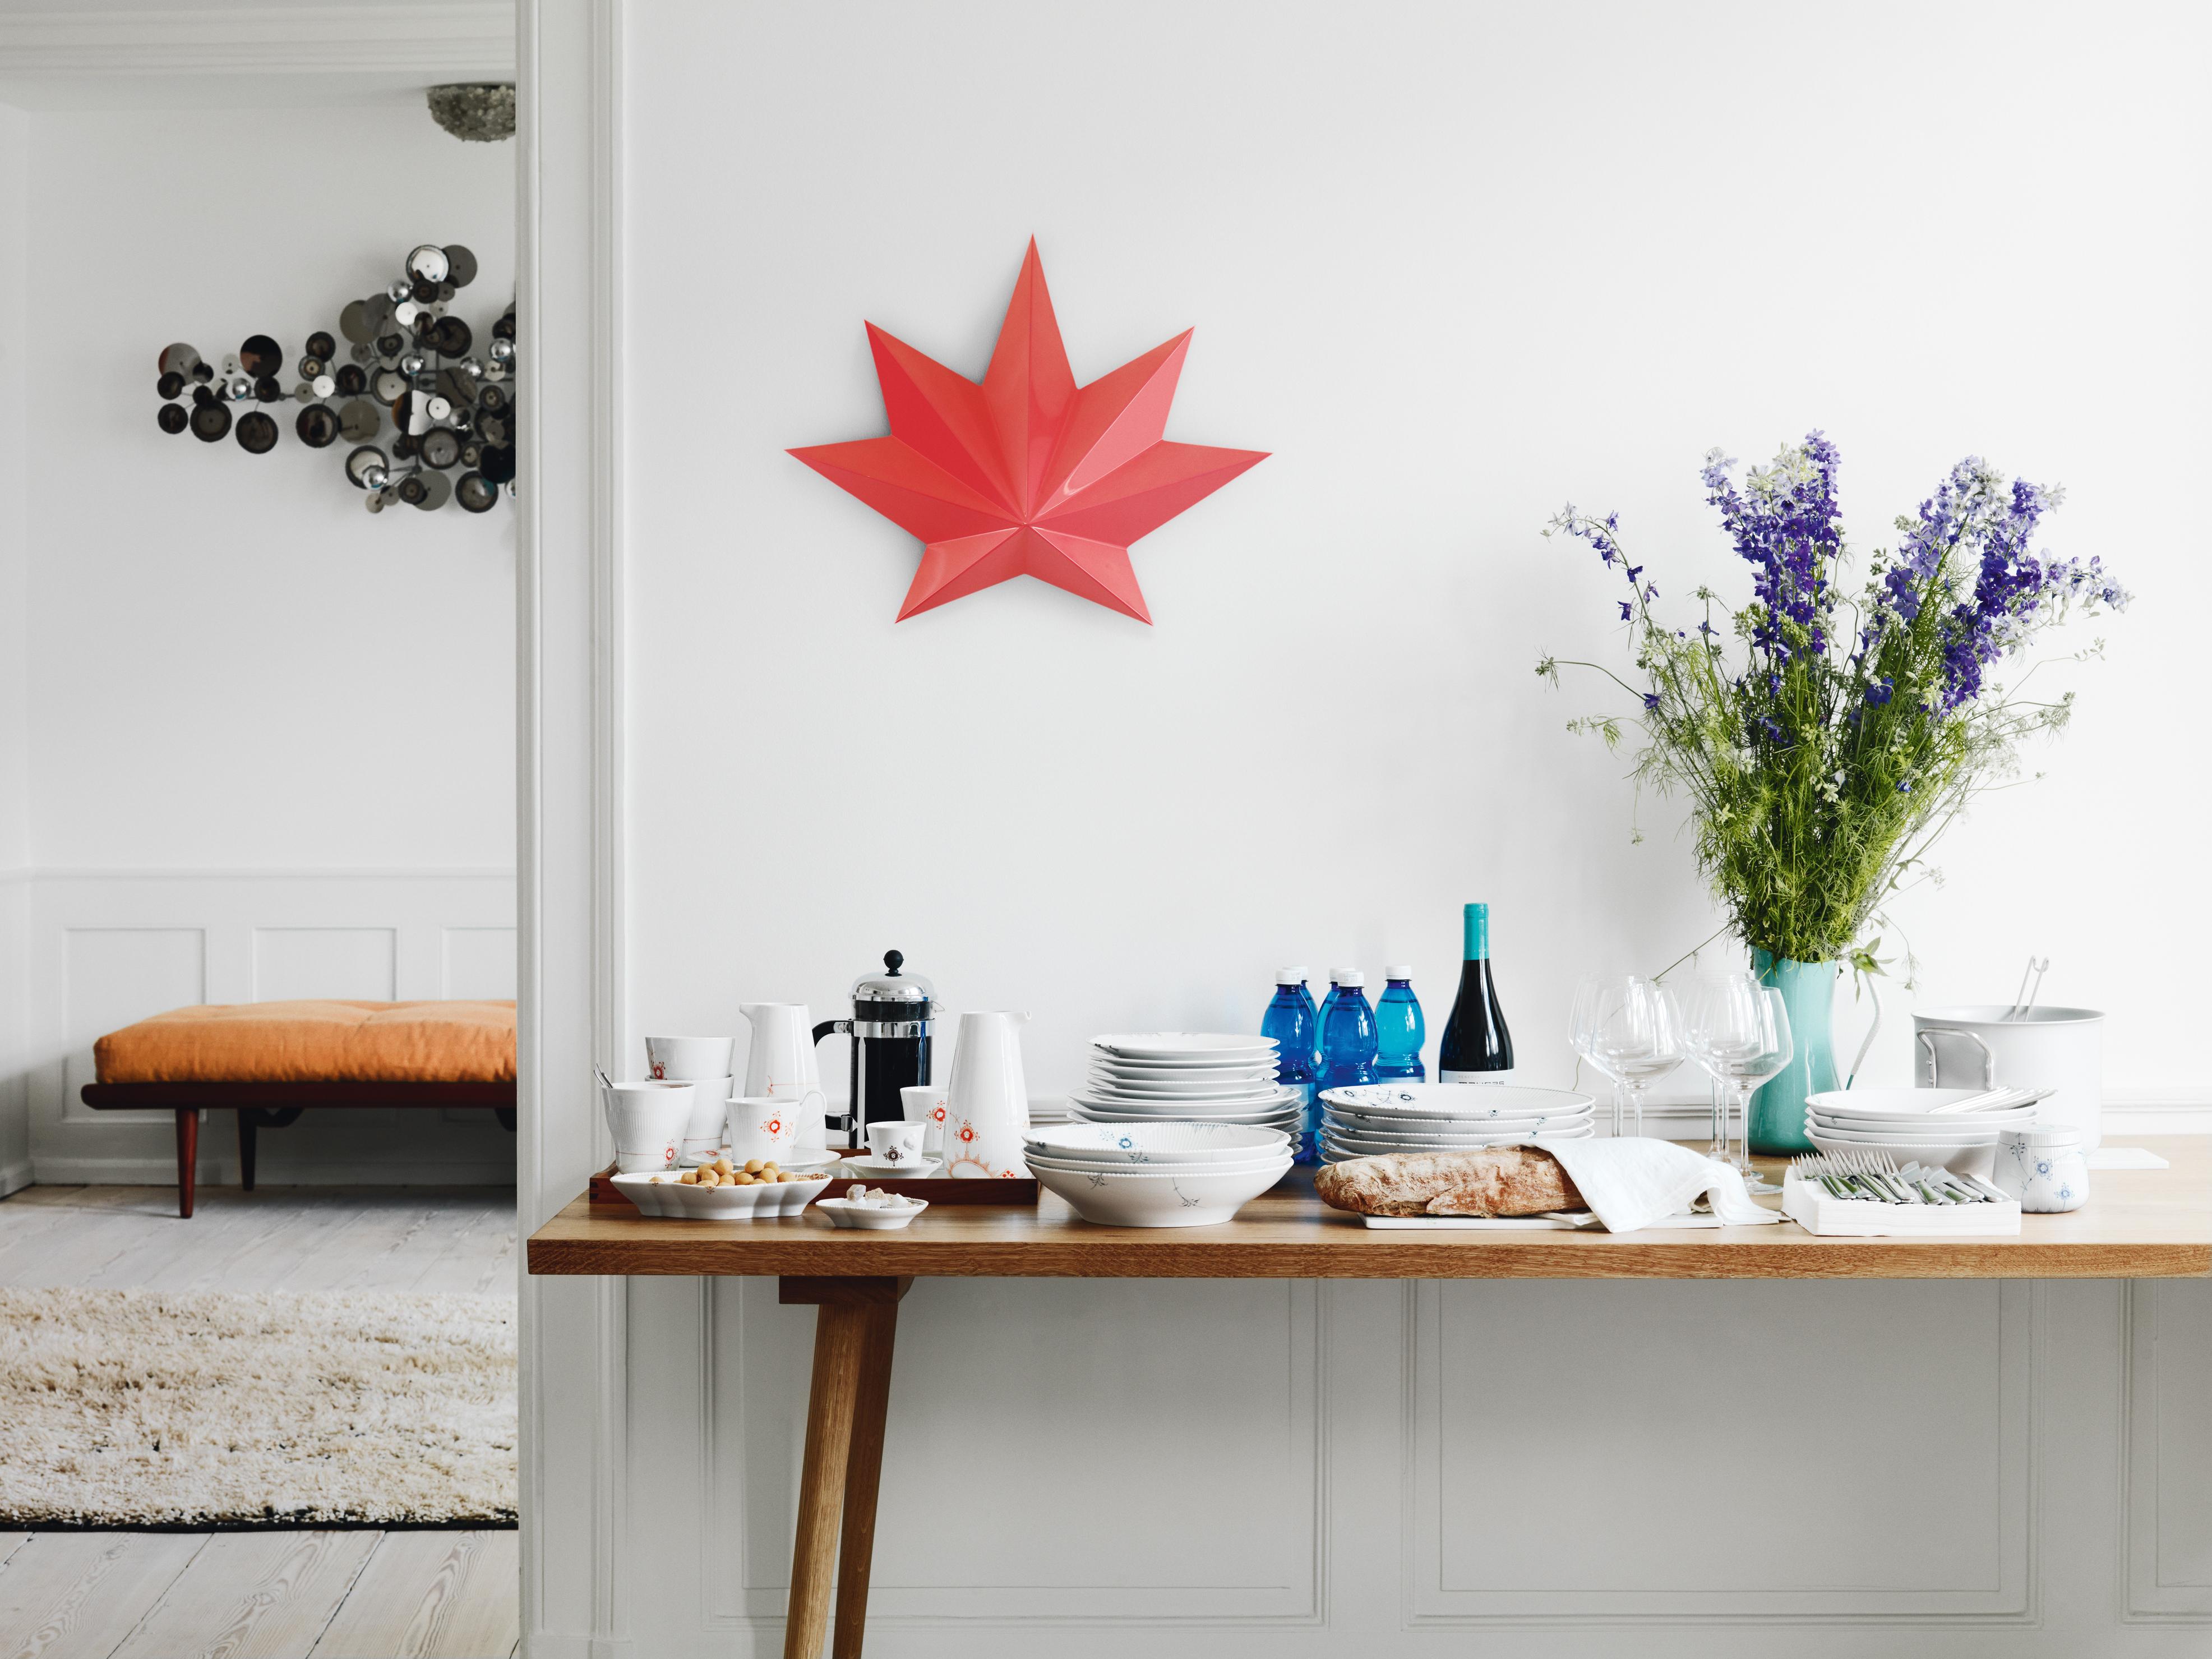 der perfekte gastgeber vorstellung das gro e wohnbuch. Black Bedroom Furniture Sets. Home Design Ideas